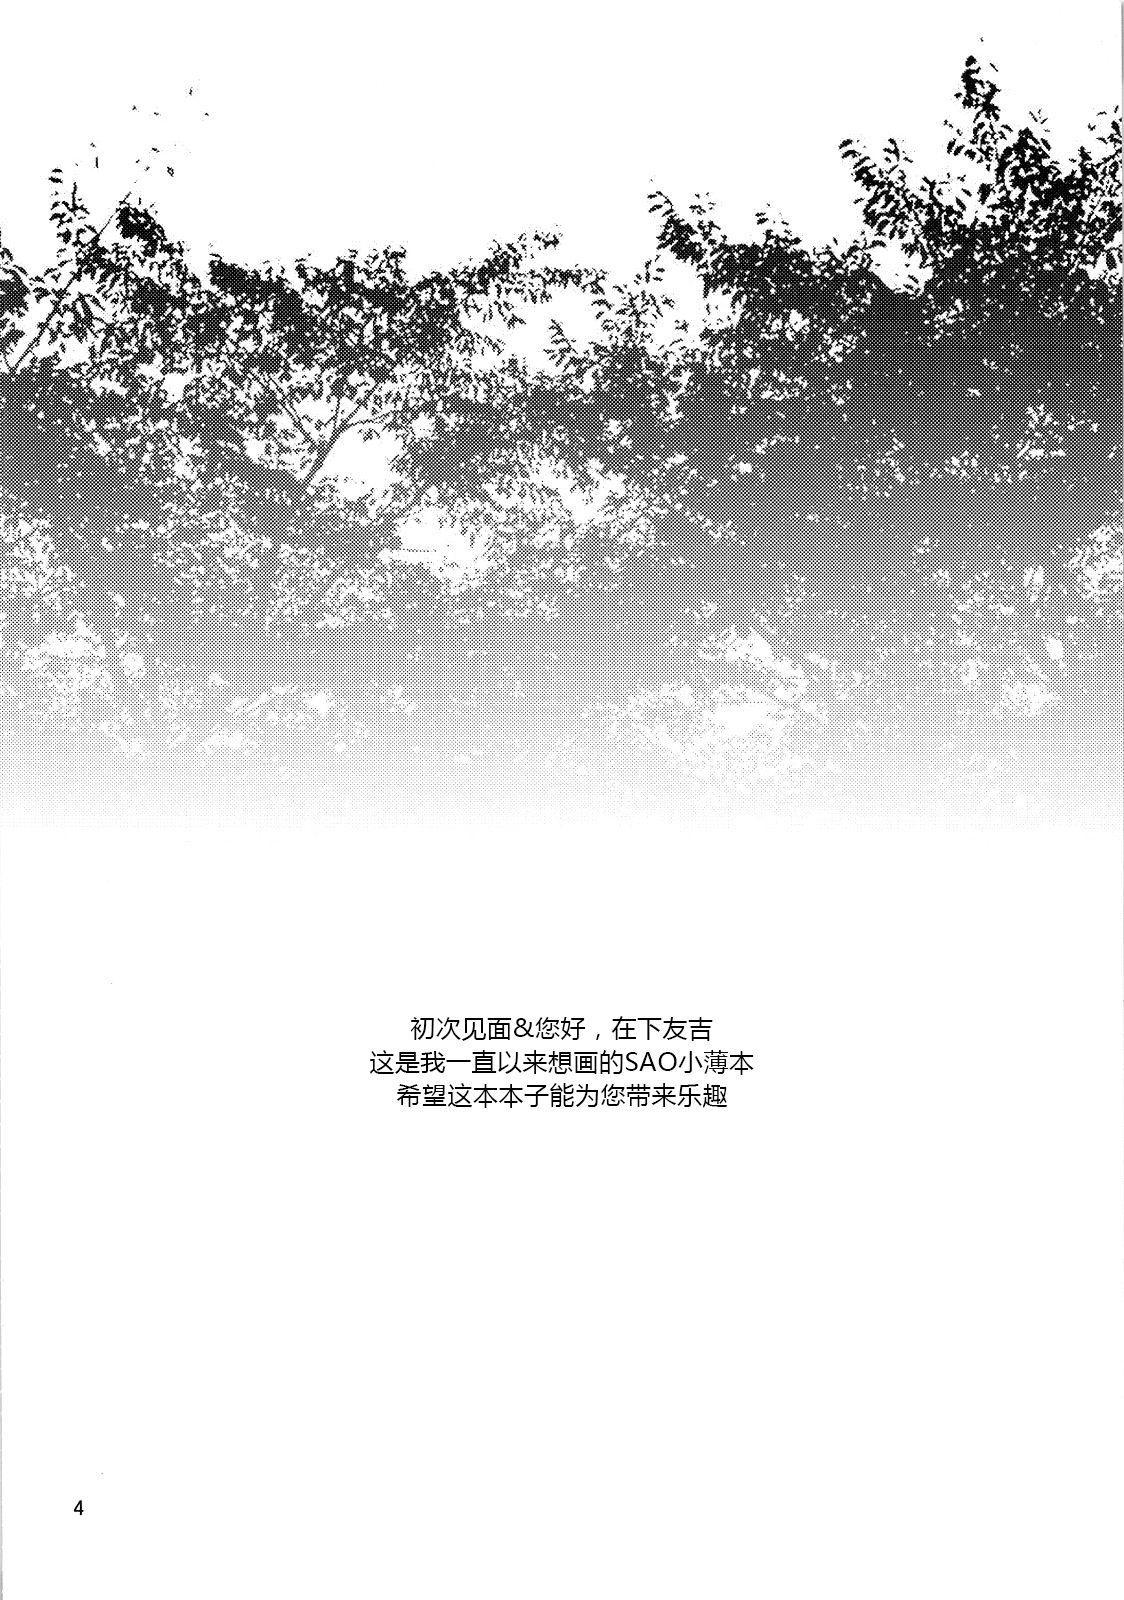 Zetsurin Kirito 3